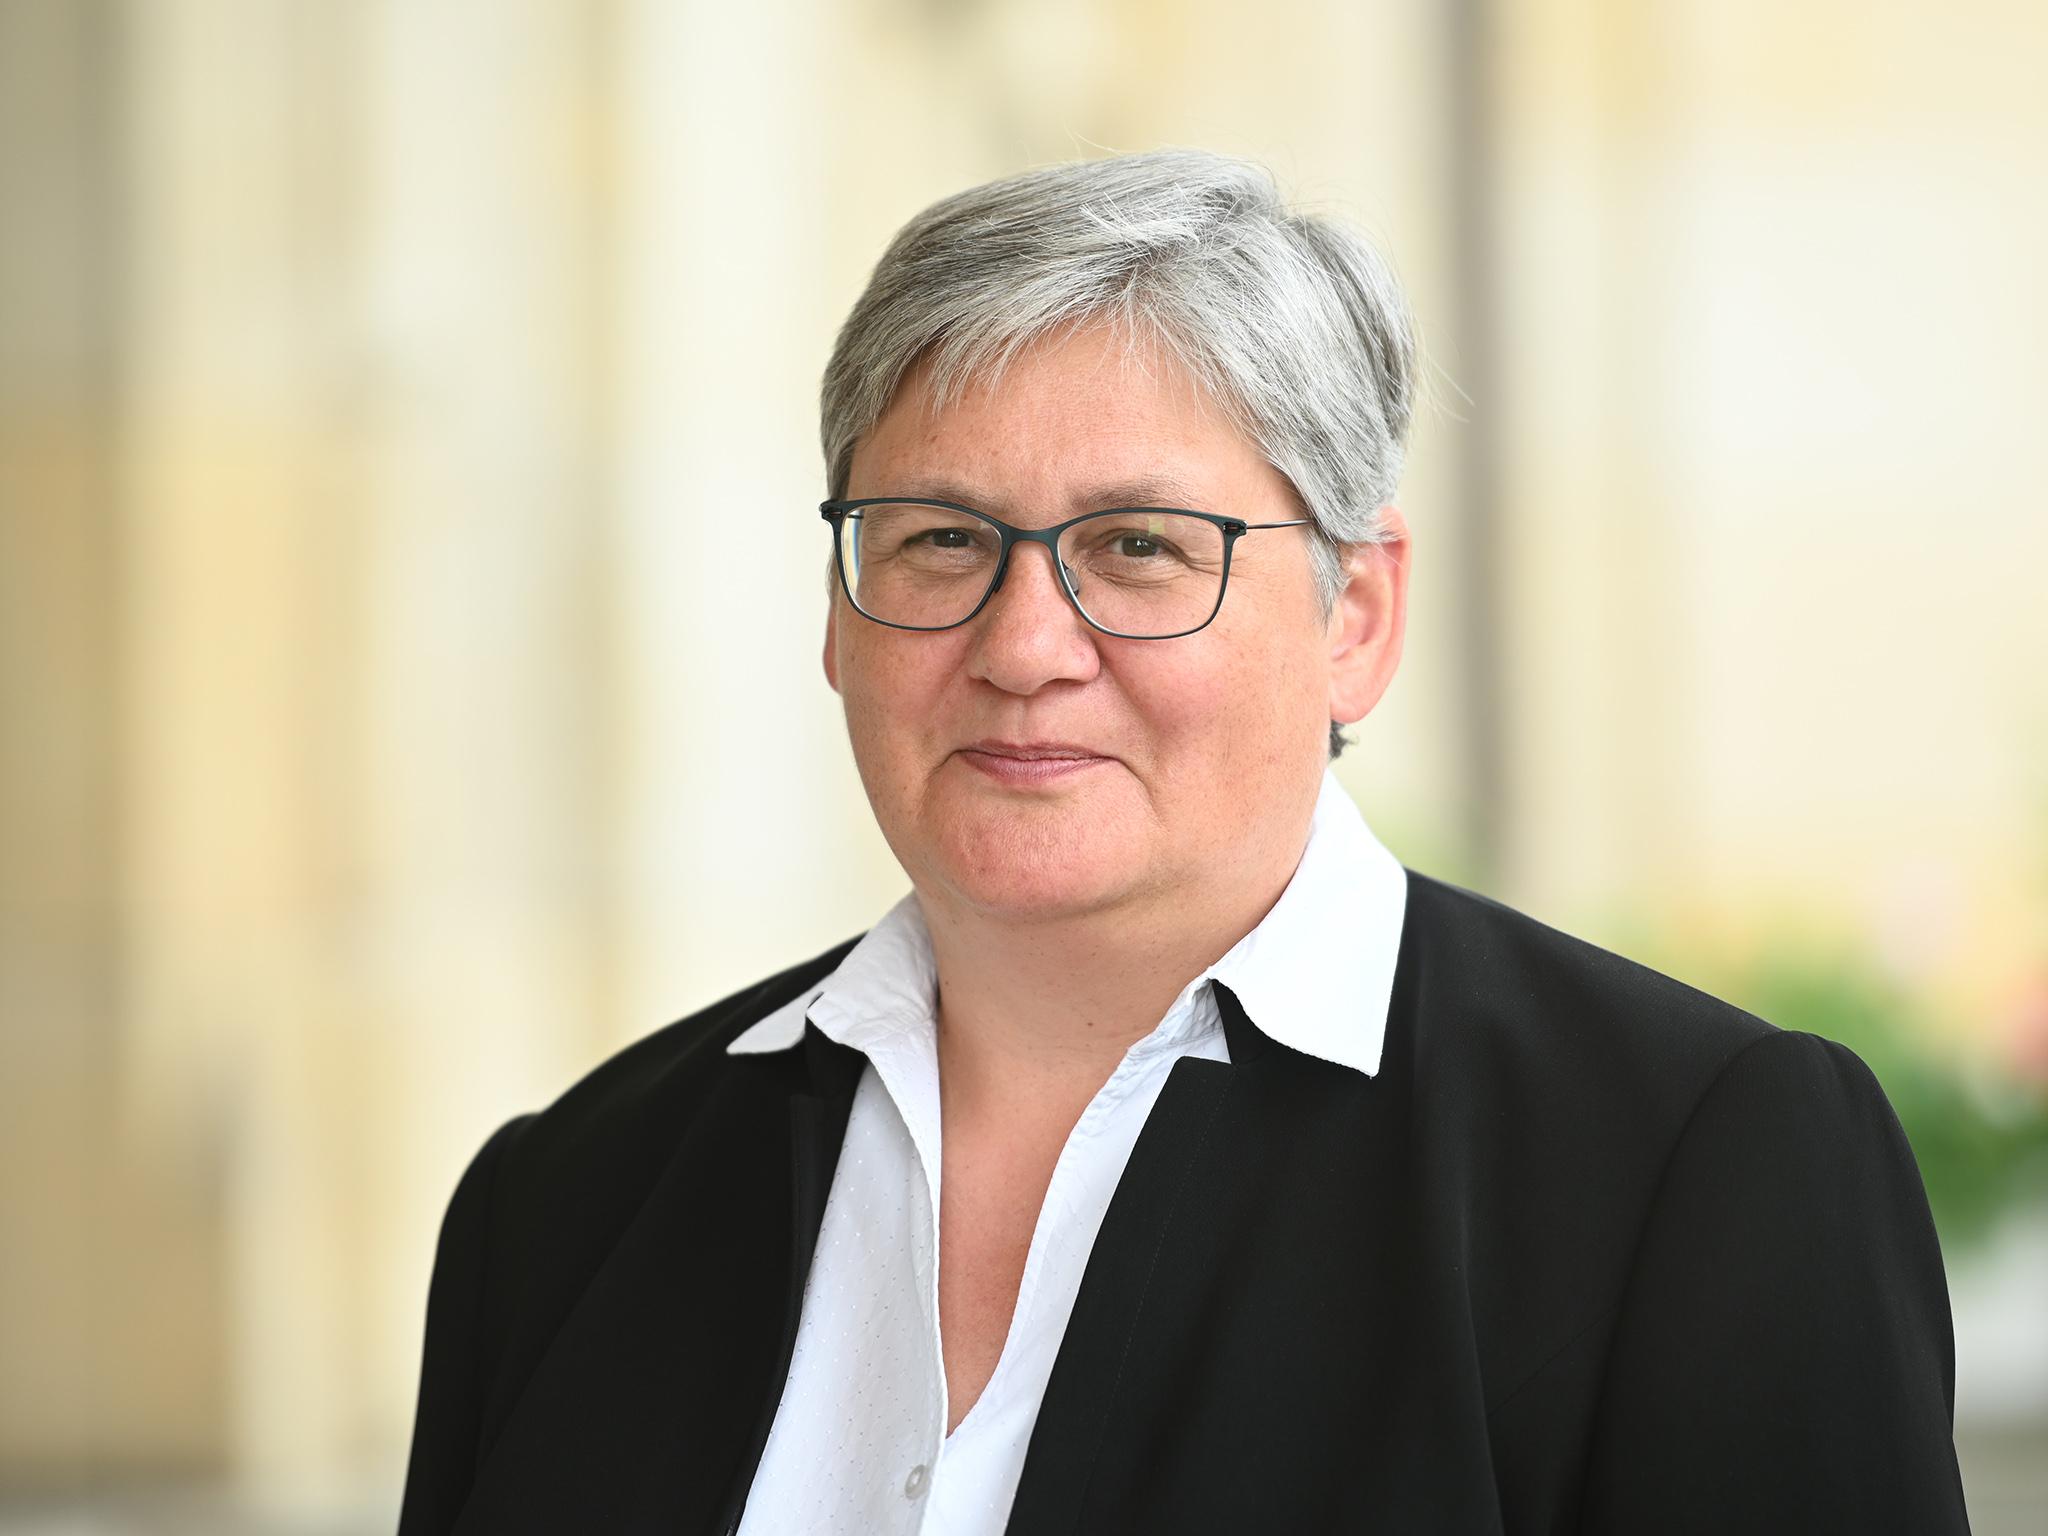 Erste Stadträtin und Wirtschafts- und Umweltdezernentin Sabine Tegtmeyer-Dette